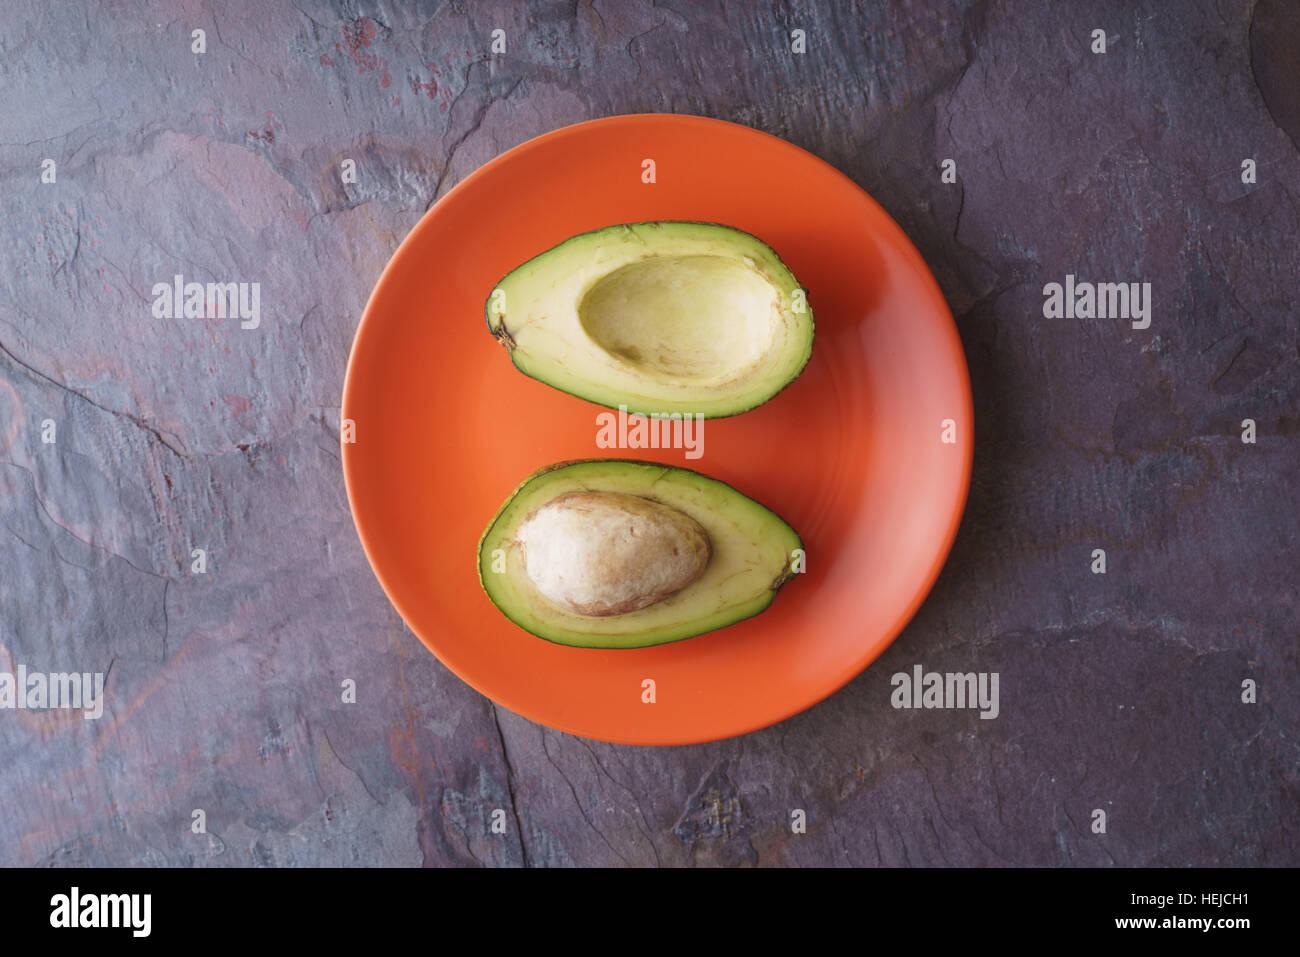 Avocado halves lie on an orange plate on a slate horizontal - Stock Image